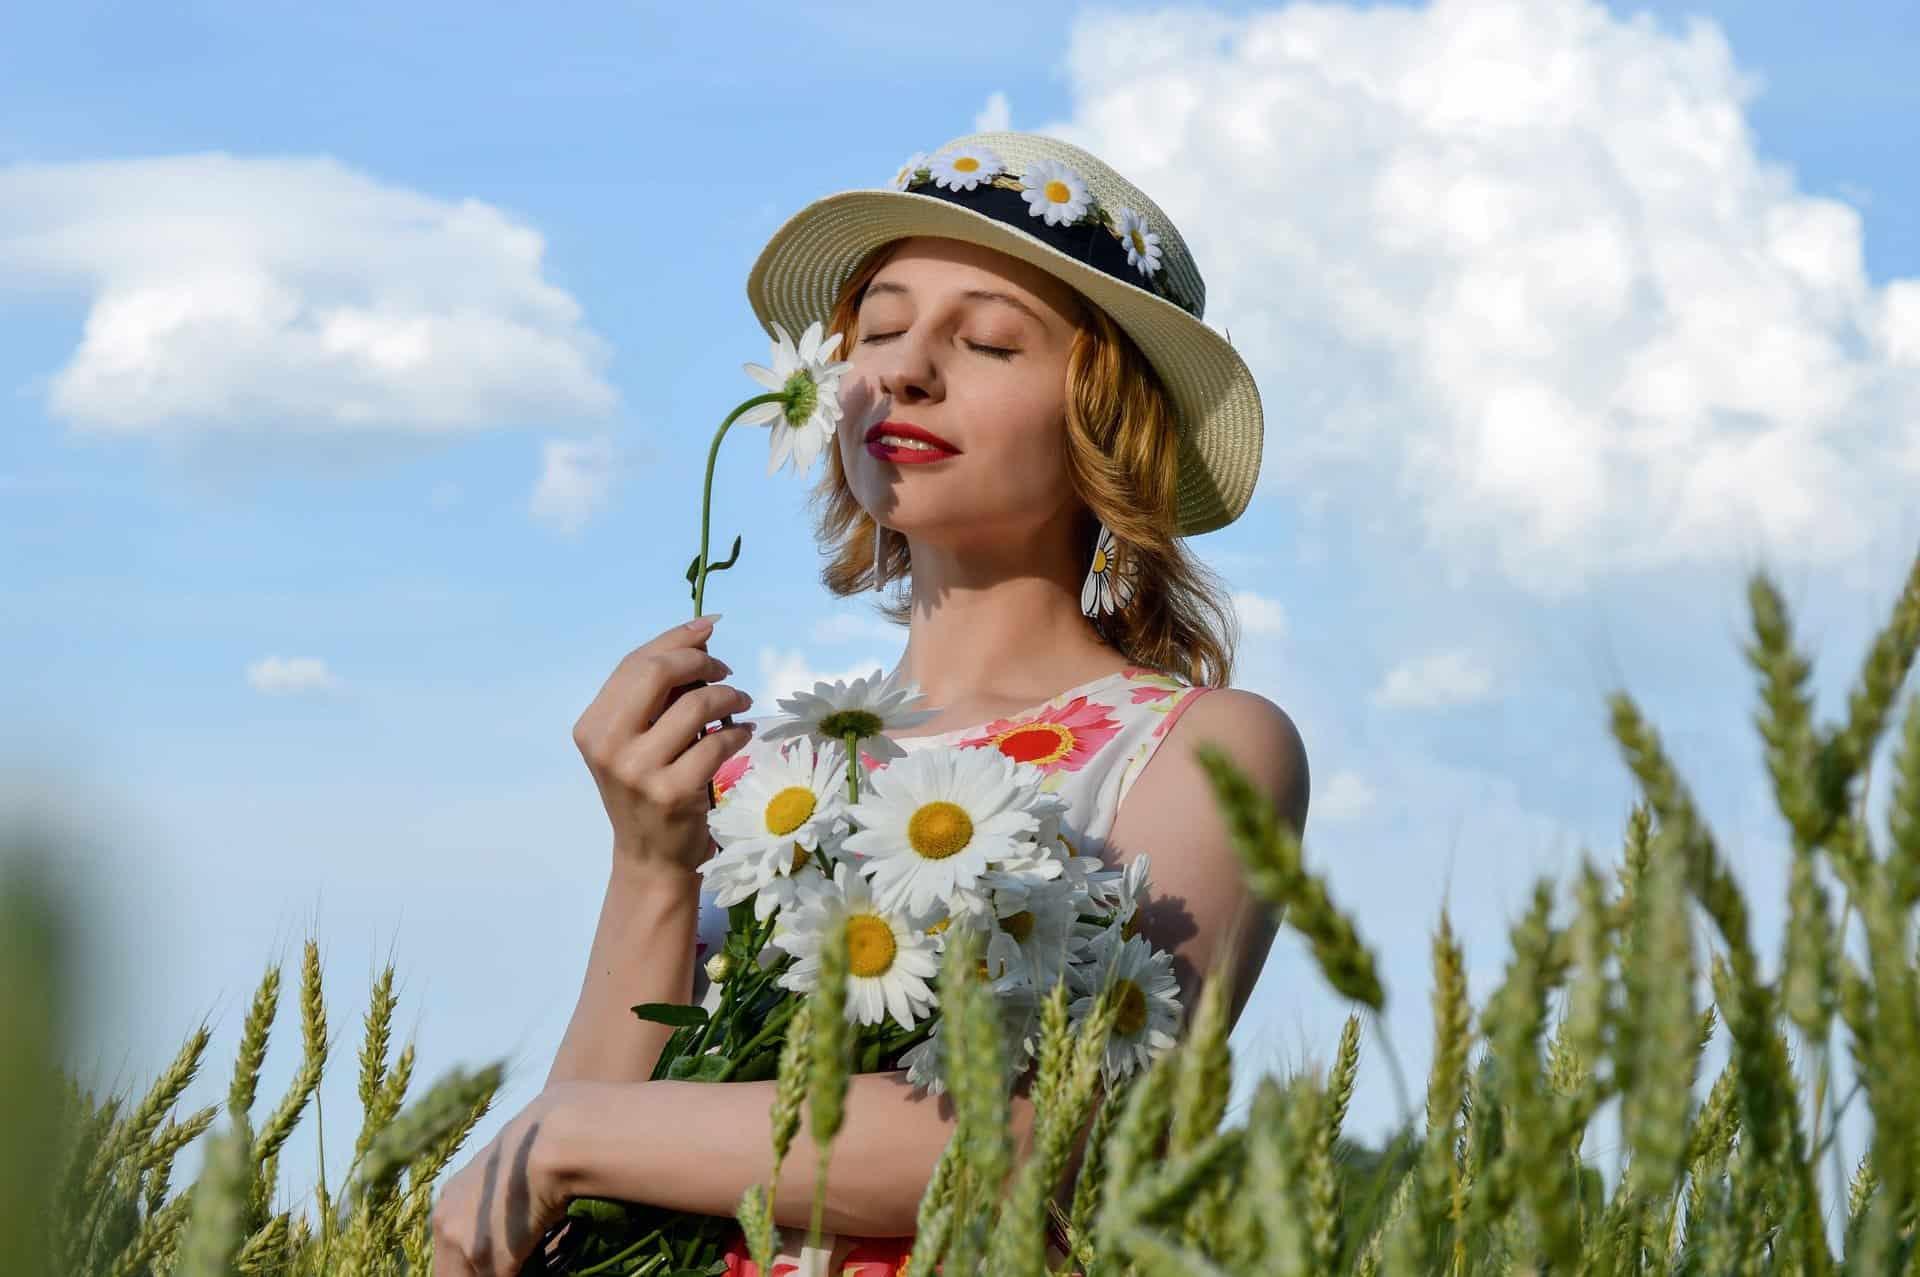 Memoria olfattiva: ricordi, istinto, affetti, piacere e bellezza